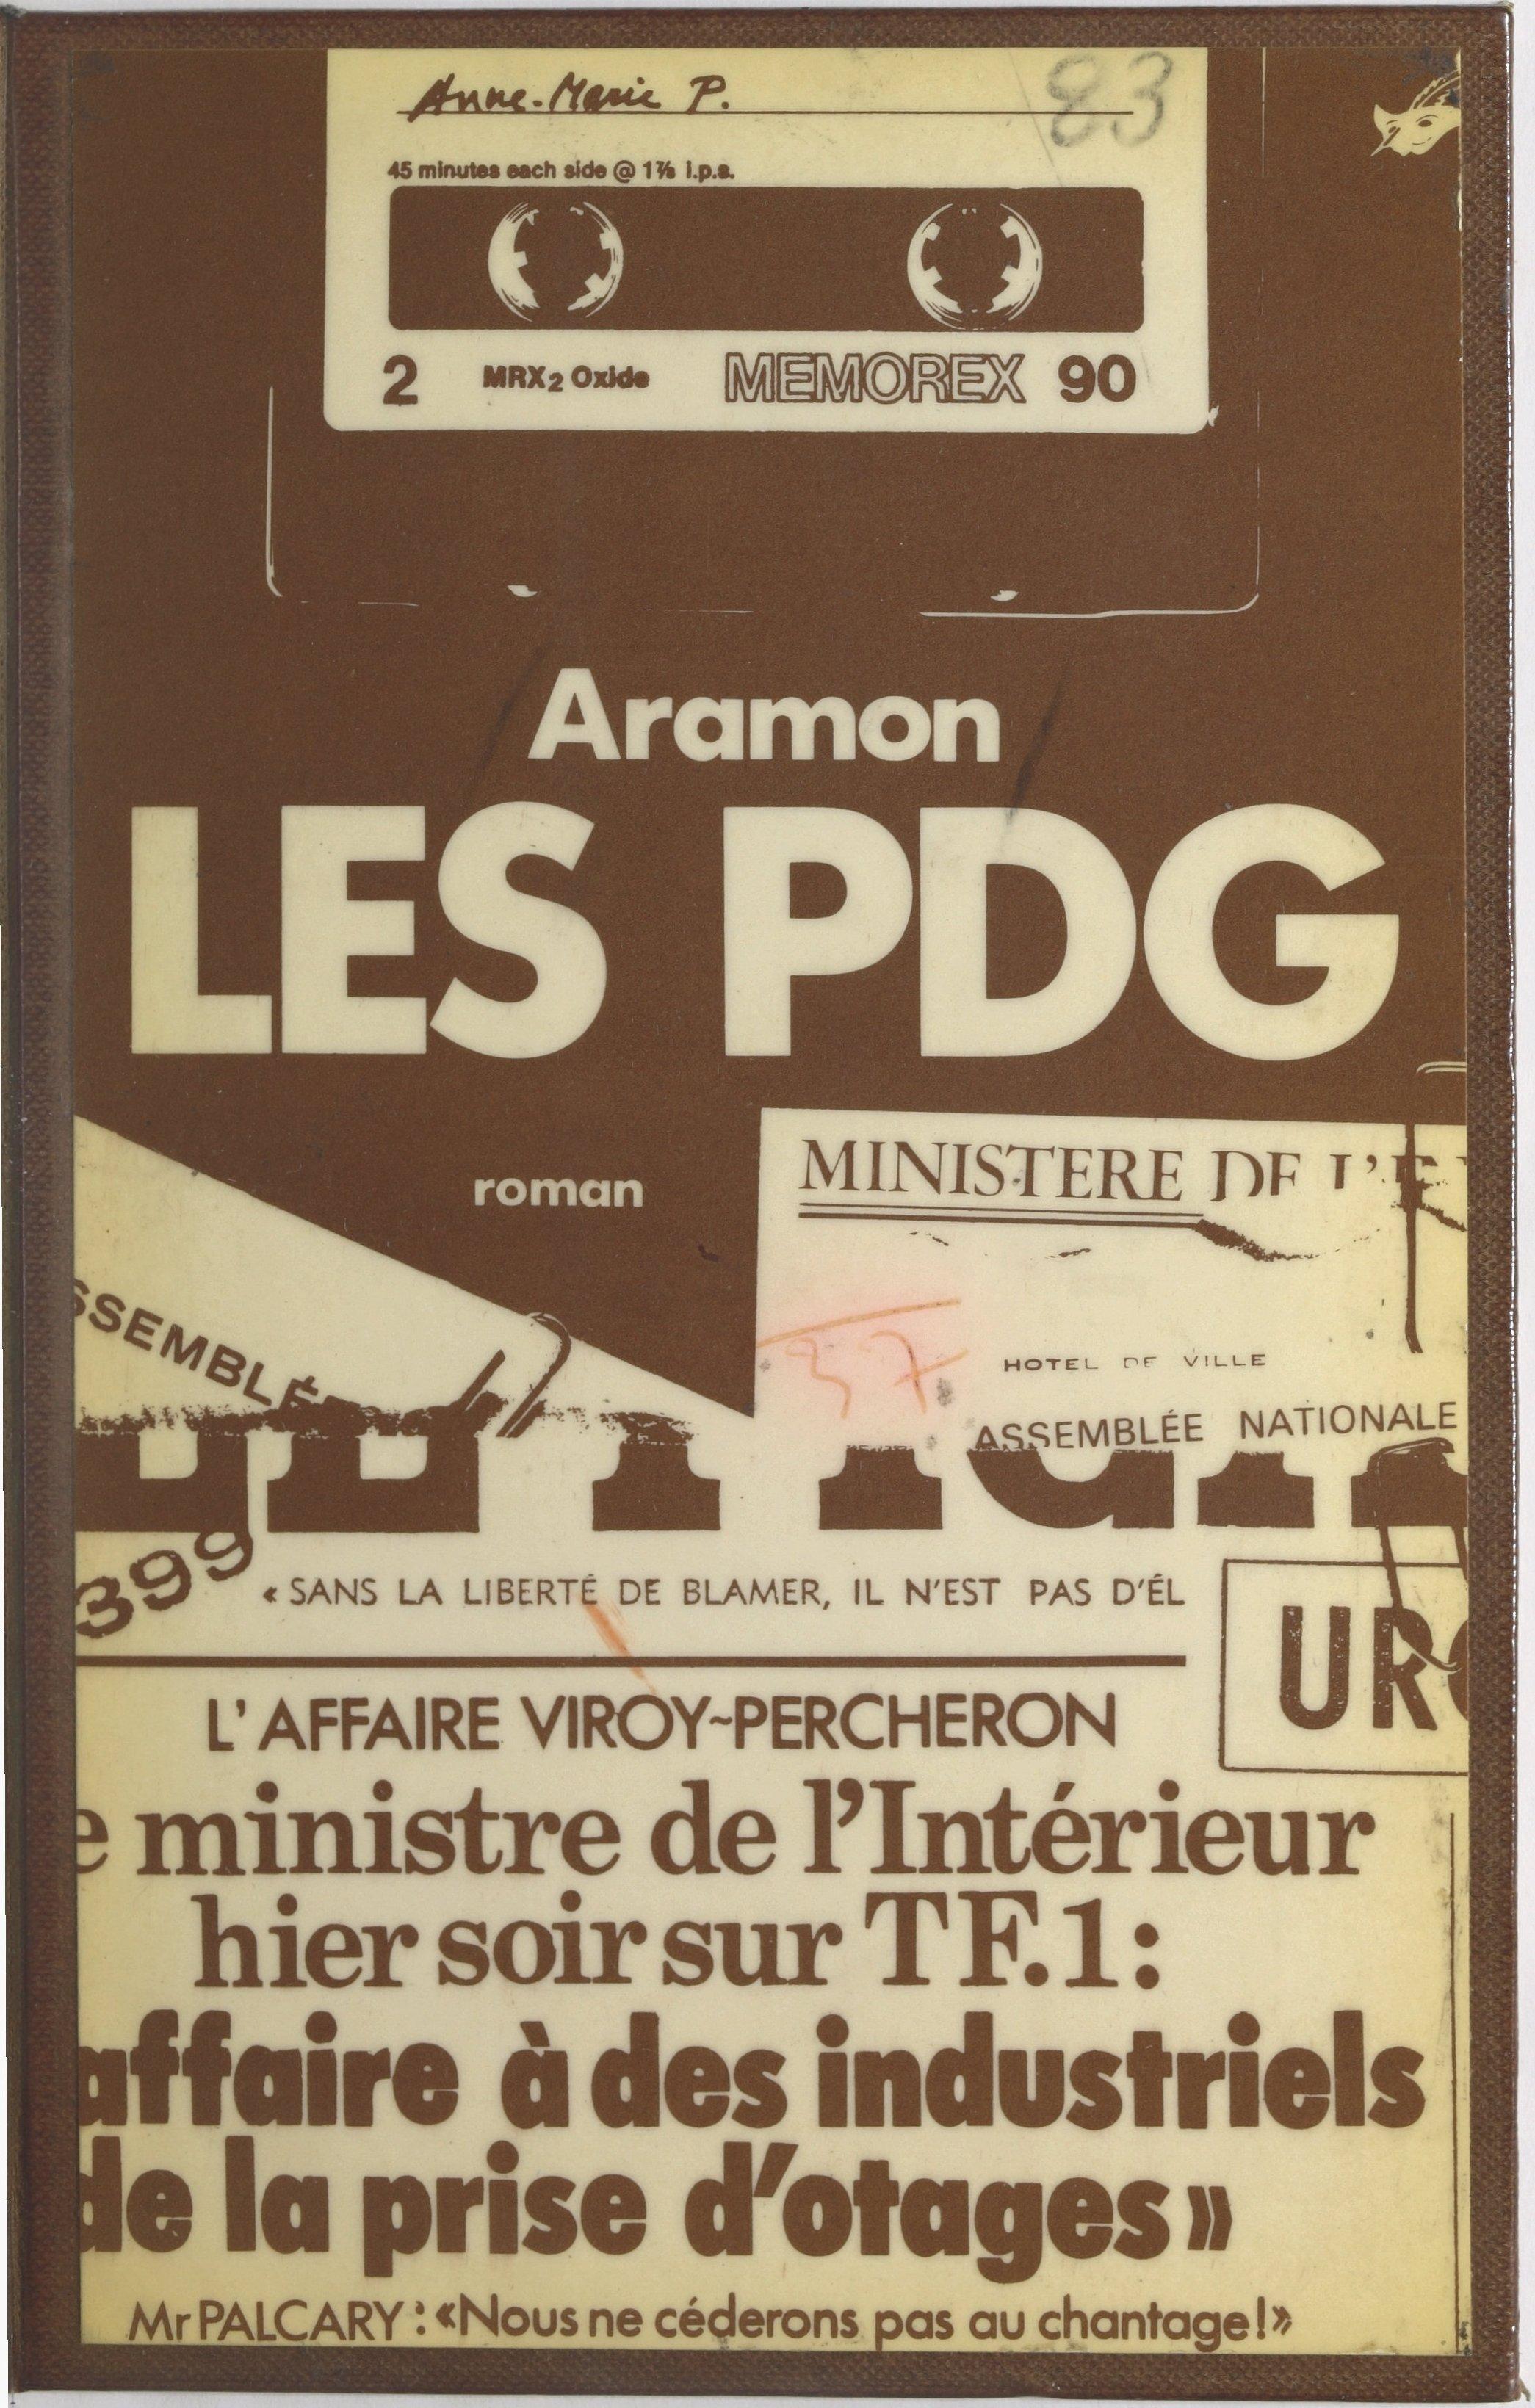 Les P.D.G.